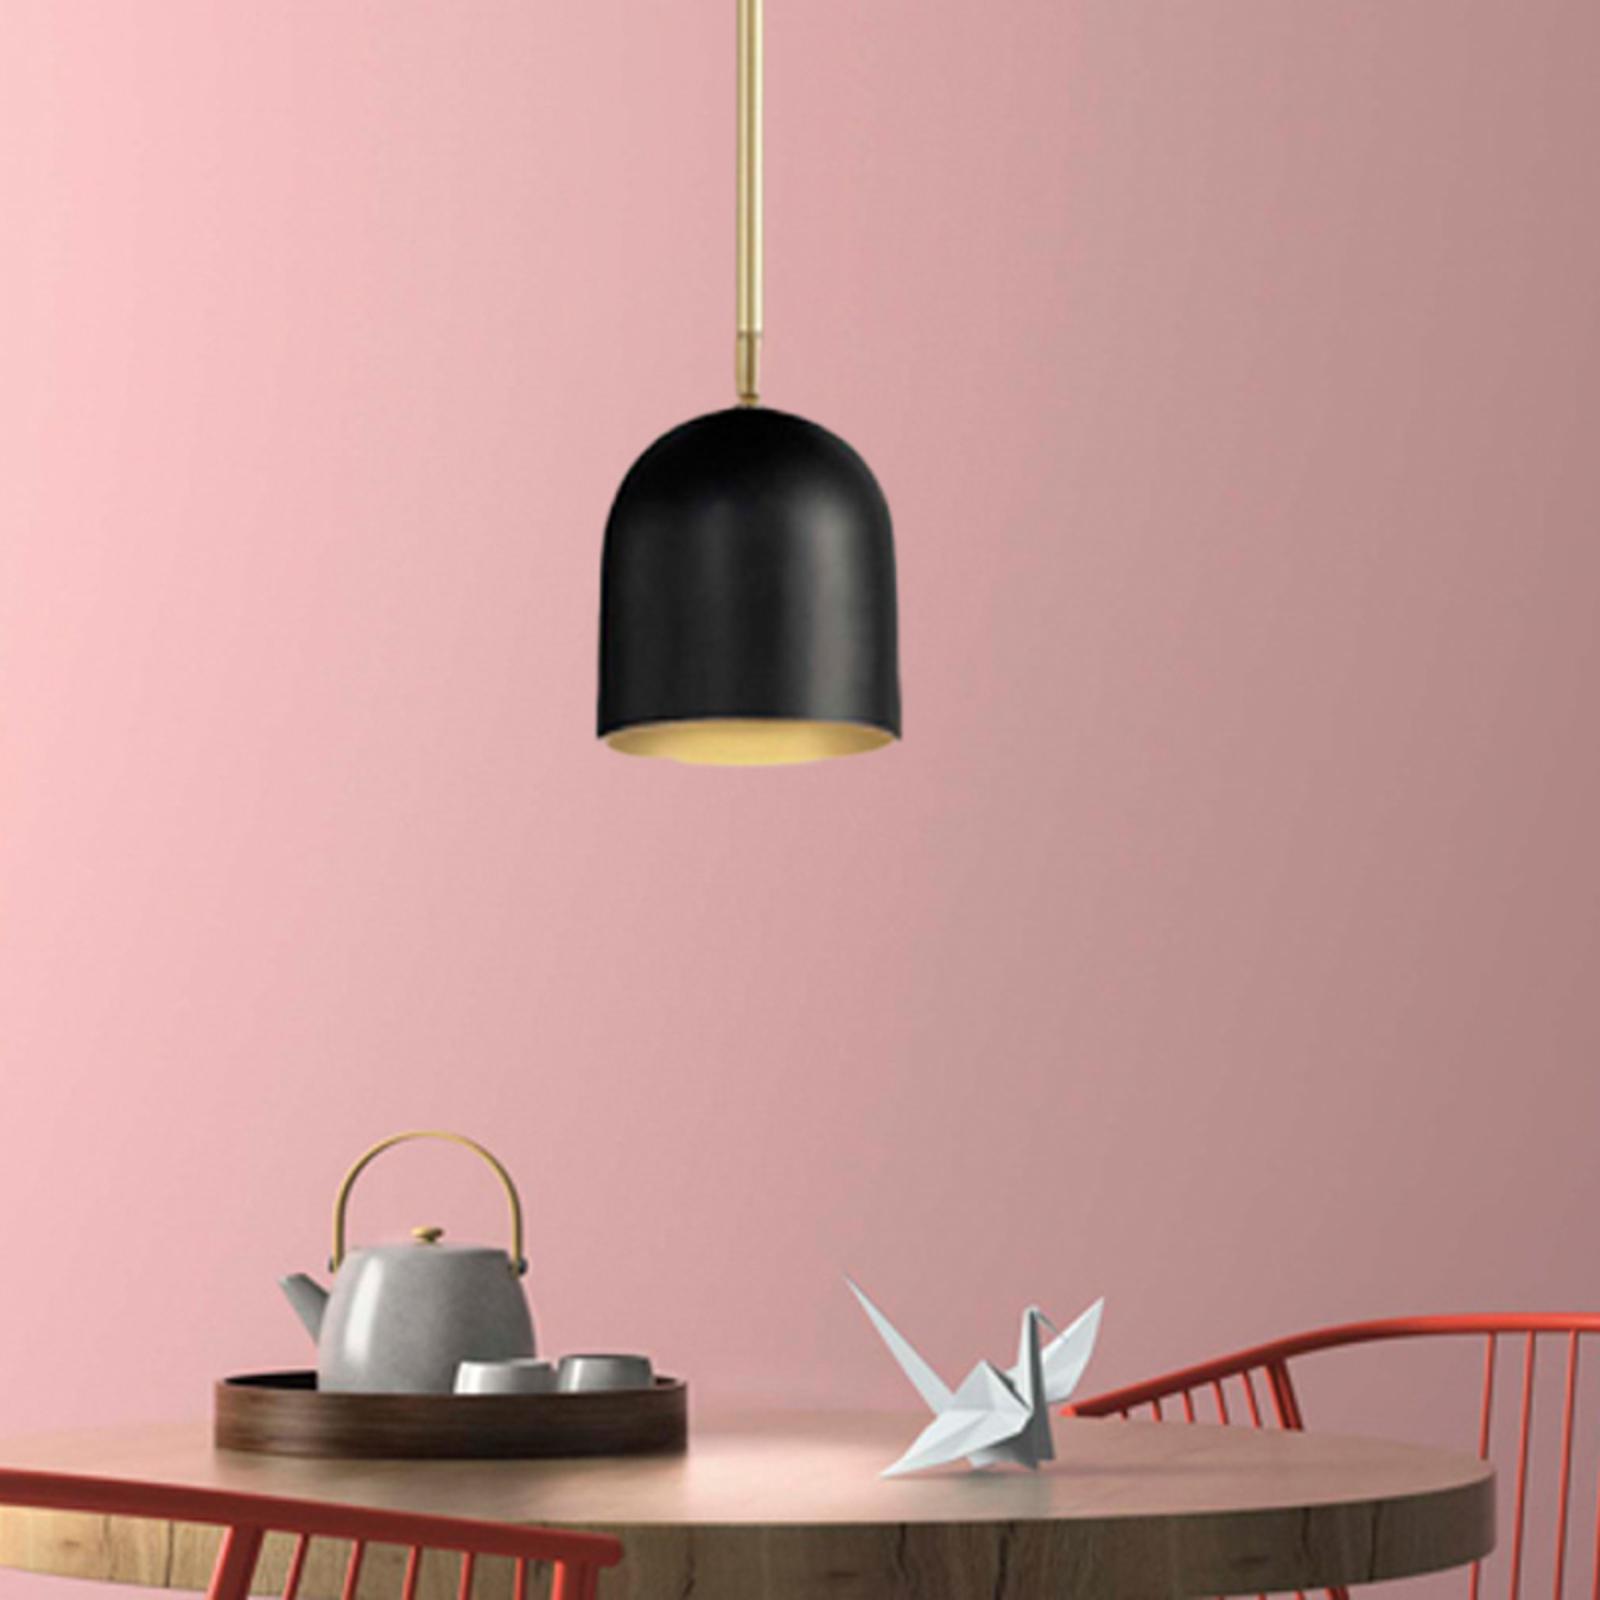 LED-Hängeleuchte Dome, drehbar 360°, einflammig